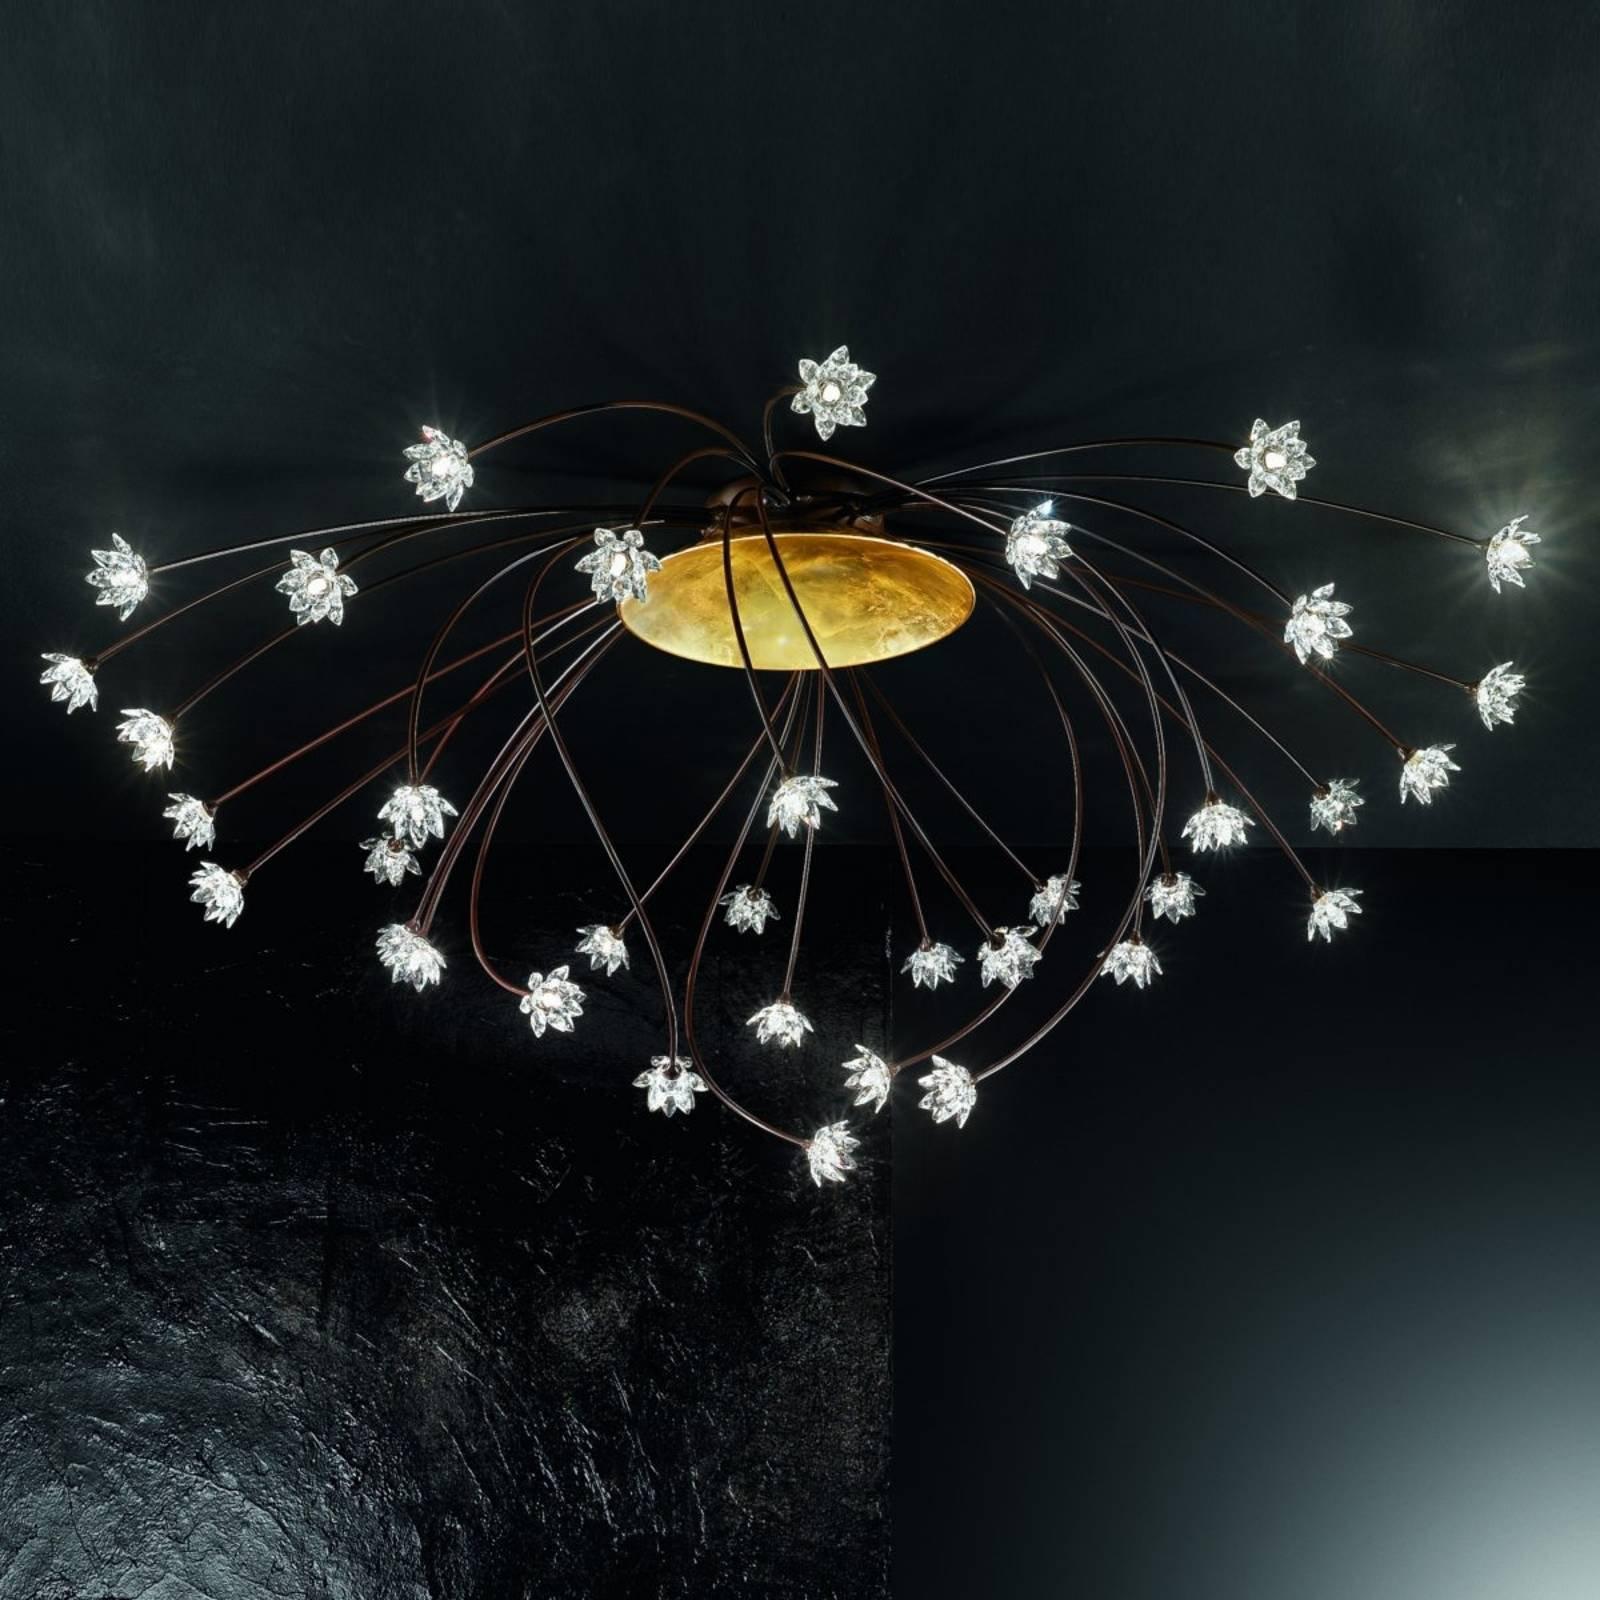 Praktfull Fiorella krystall-taklampe på 190 cm